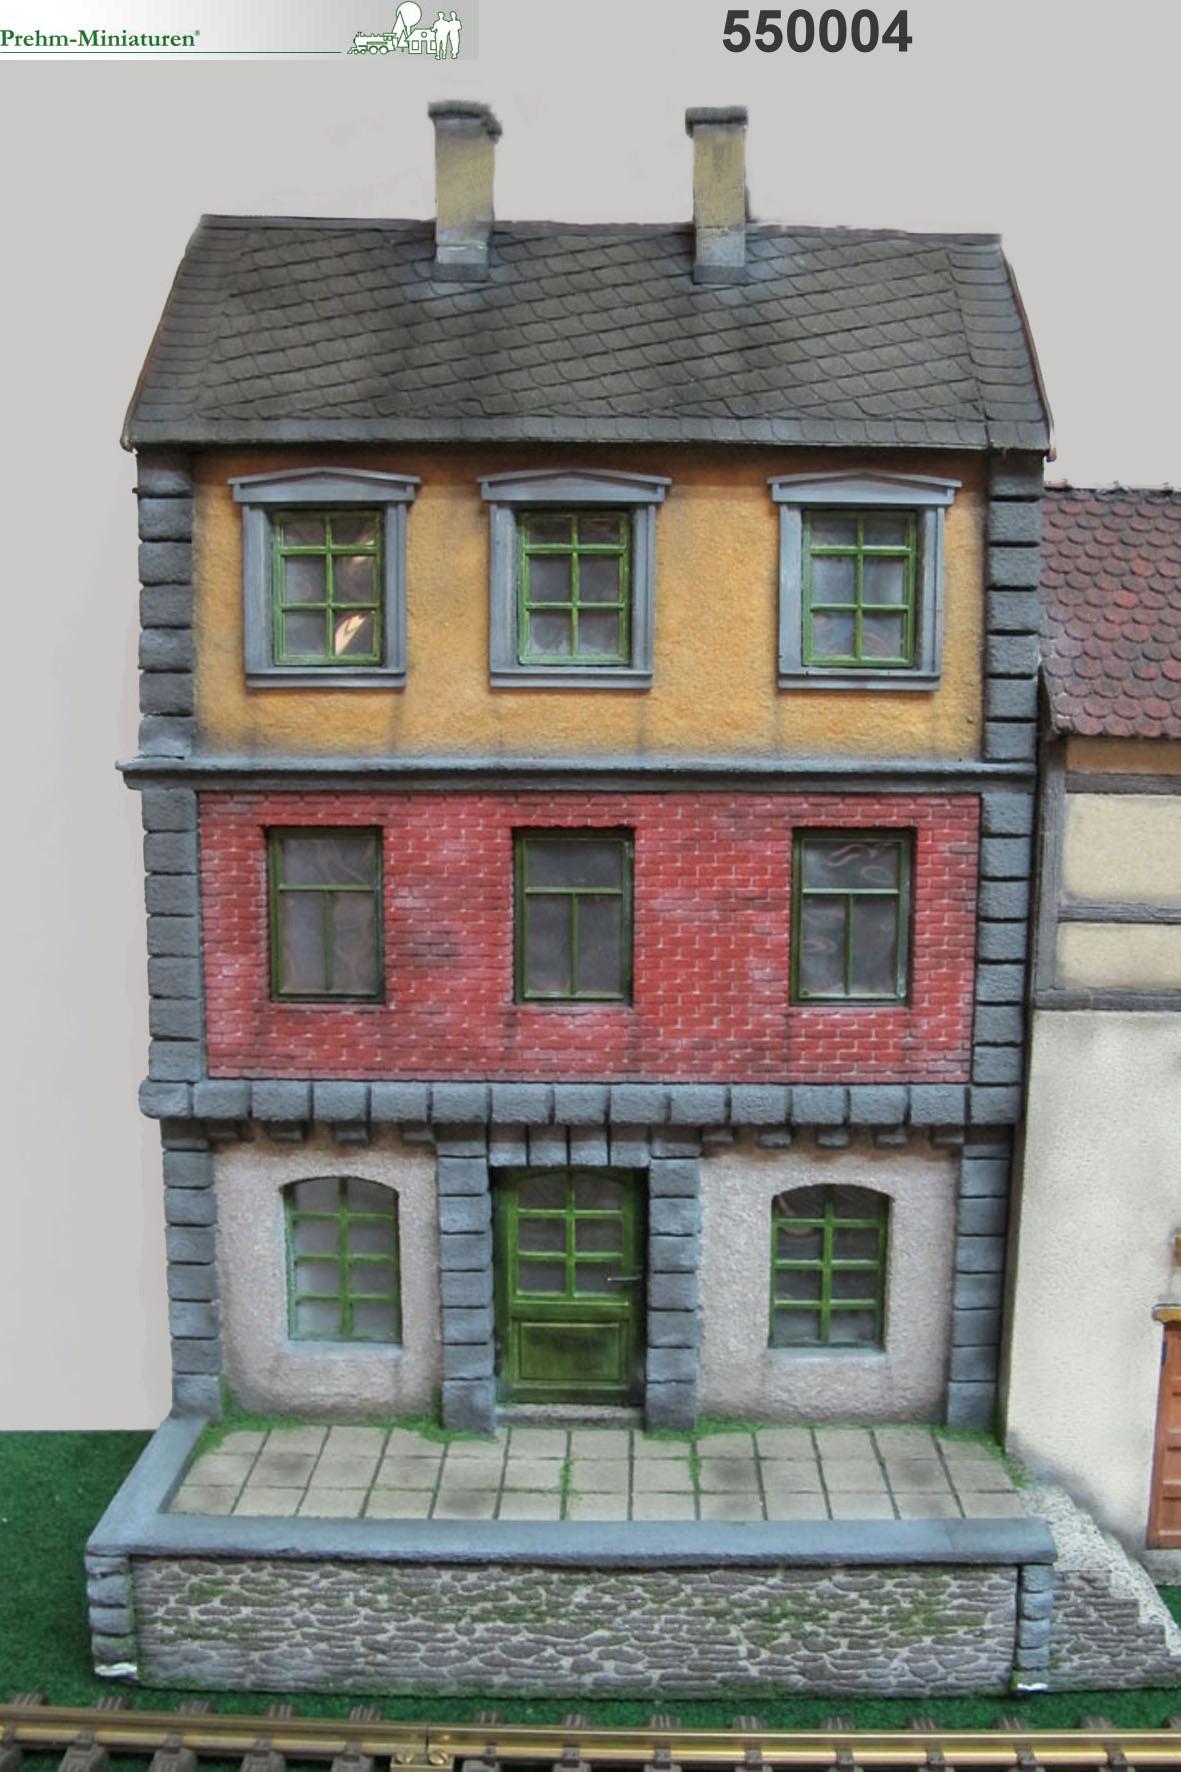 neuheiten von prehm miniaturen 2013. Black Bedroom Furniture Sets. Home Design Ideas